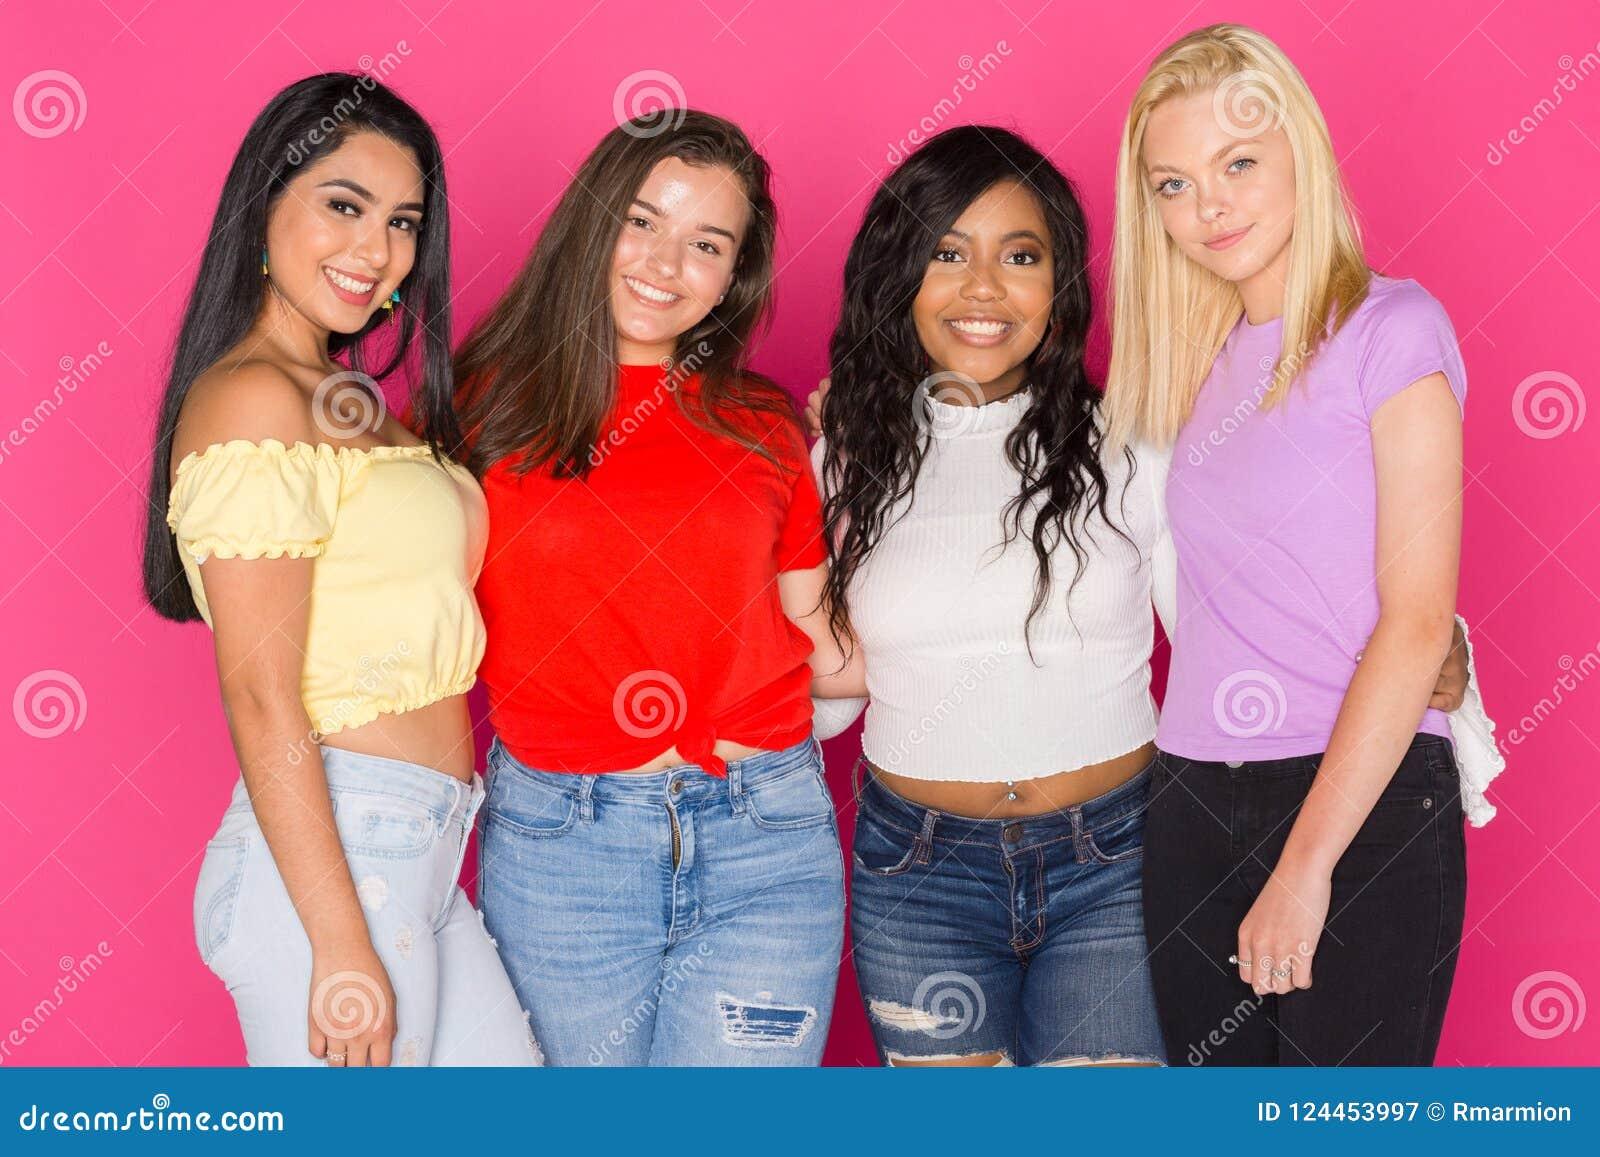 teen together Black girls